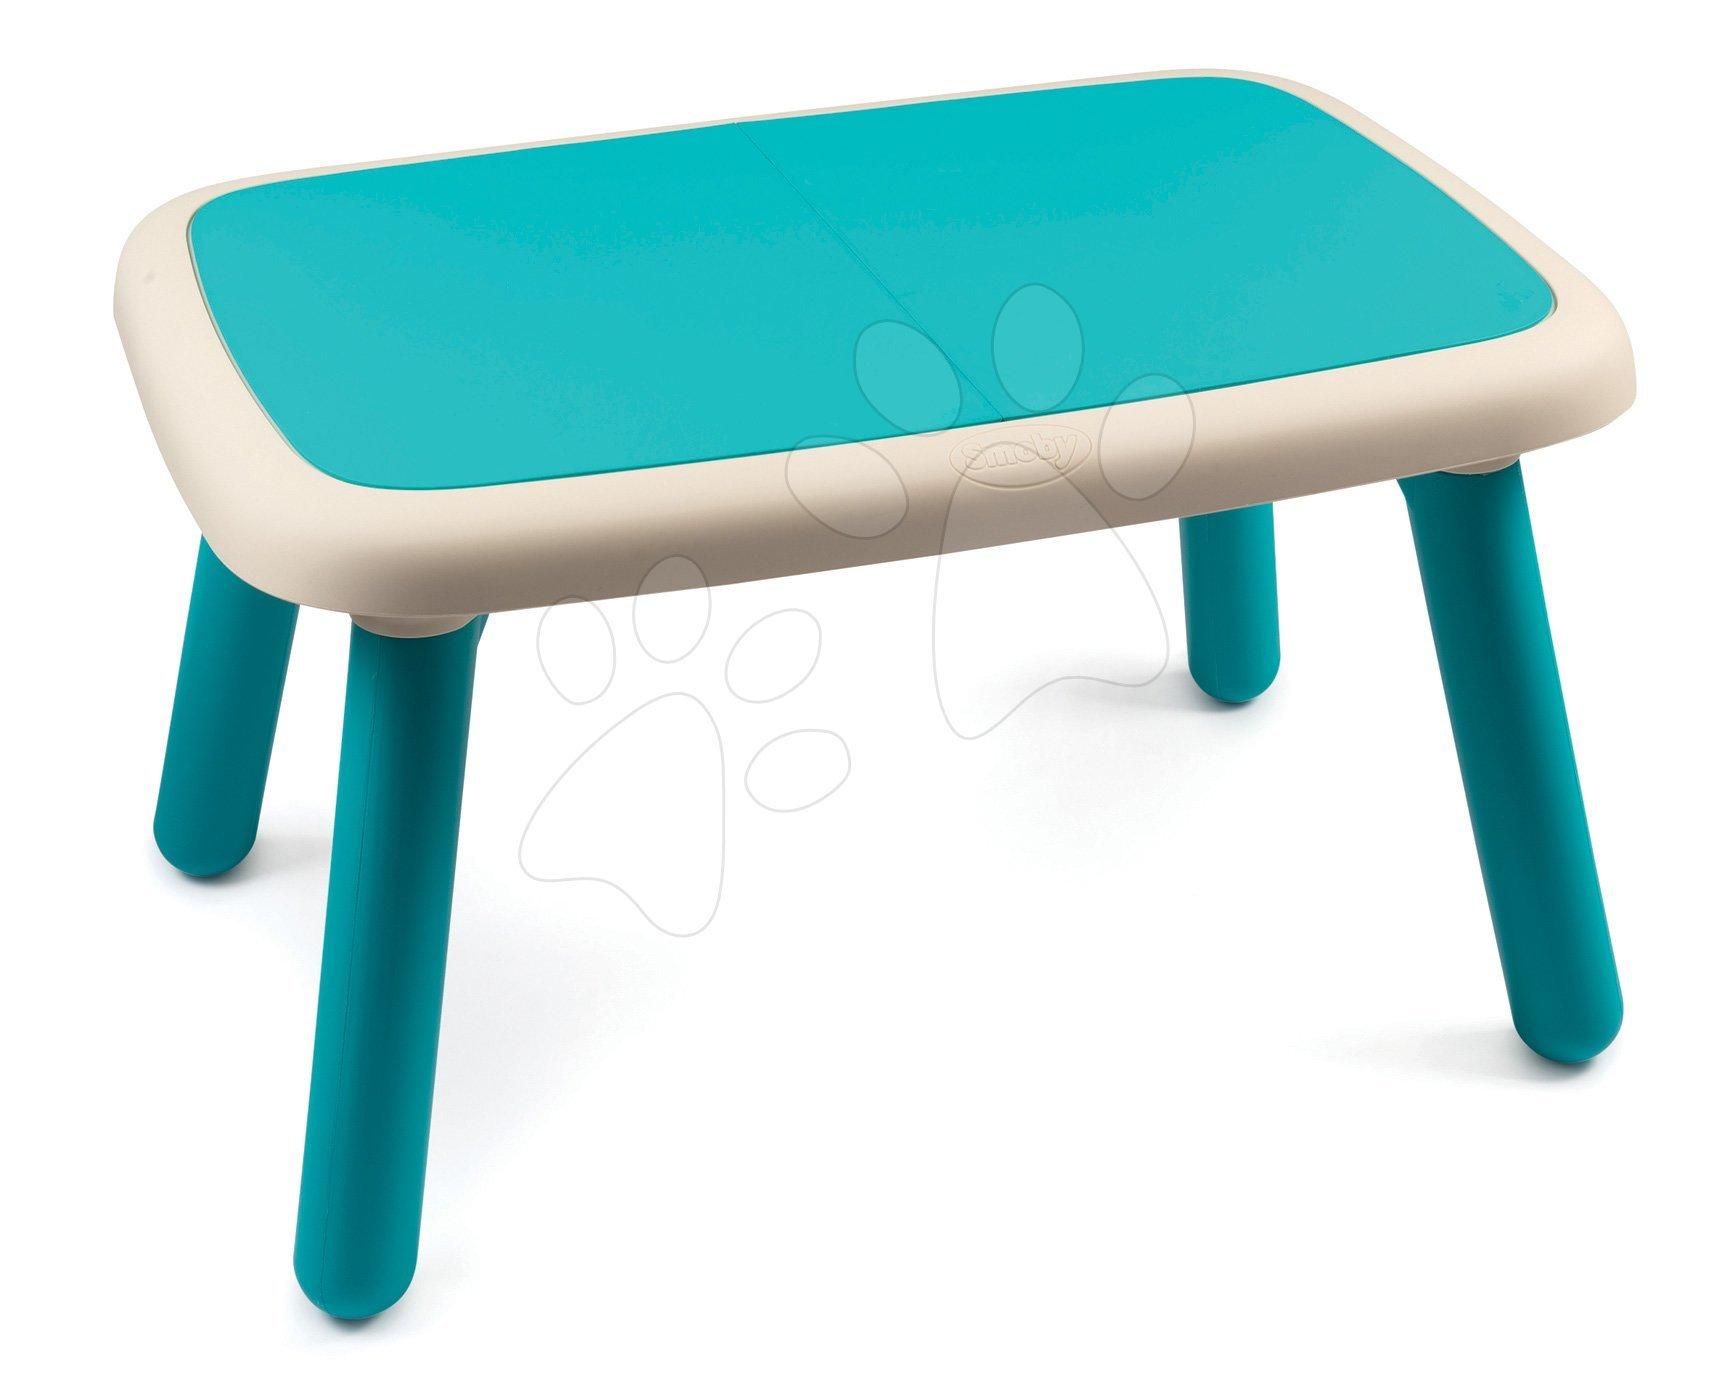 Smoby stôl pre deti KidTable modrý s UV filtrom 880402